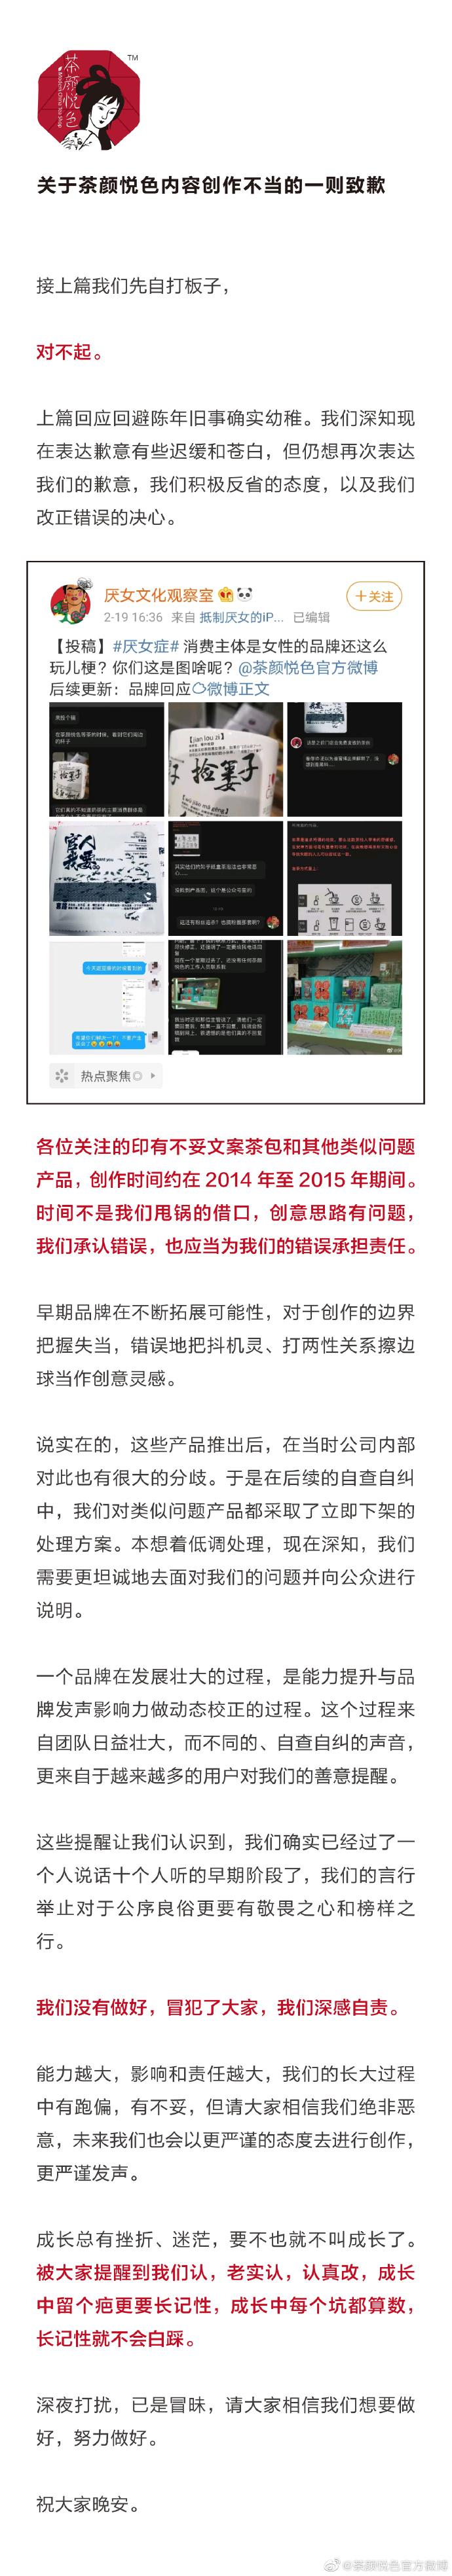 茶颜悦色最新致歉声明/来源:茶颜悦色官方微博